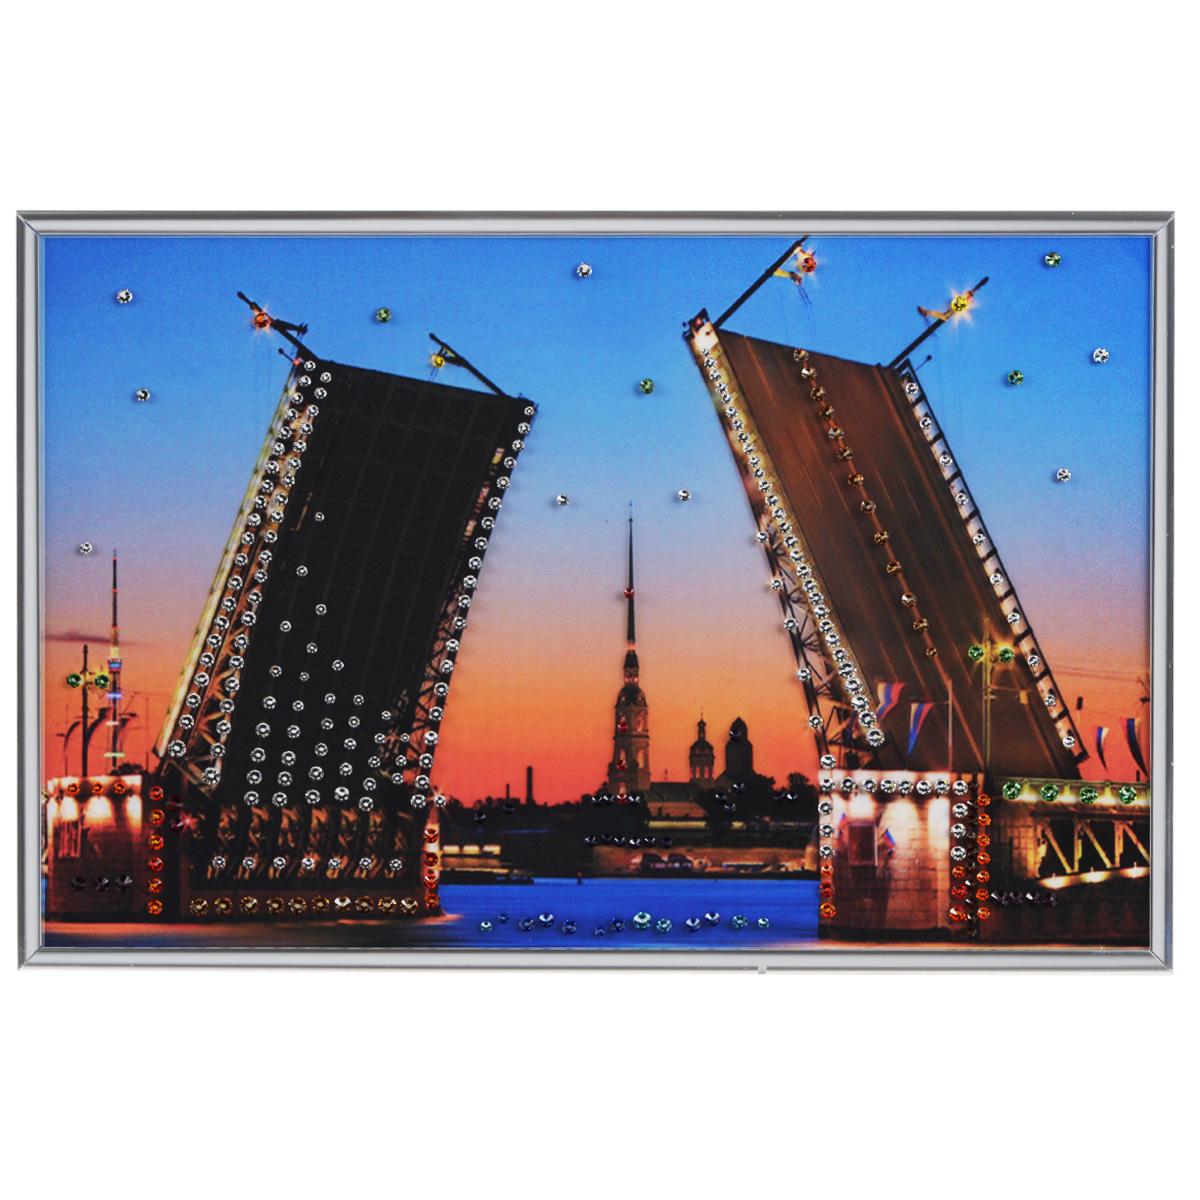 Картина с кристаллами Swarovski Дворцовый мост, 30 см х 20 см1087Изящная картина в металлической раме, инкрустирована кристаллами Swarovski, которые отличаются четкой и ровной огранкой, ярким блеском и чистотой цвета. Красочное изображение дворцового моста, расположенное под стеклом, прекрасно дополняет блеск кристаллов. С обратной стороны имеется металлическая петелька для размещения картины на стене. Картина с кристаллами Swarovski Дворцовый мост элегантно украсит интерьер дома или офиса, а также станет прекрасным подарком, который обязательно понравится получателю. Блеск кристаллов в интерьере, что может быть сказочнее и удивительнее. Картина упакована в подарочную картонную коробку синего цвета и комплектуется сертификатом соответствия Swarovski.